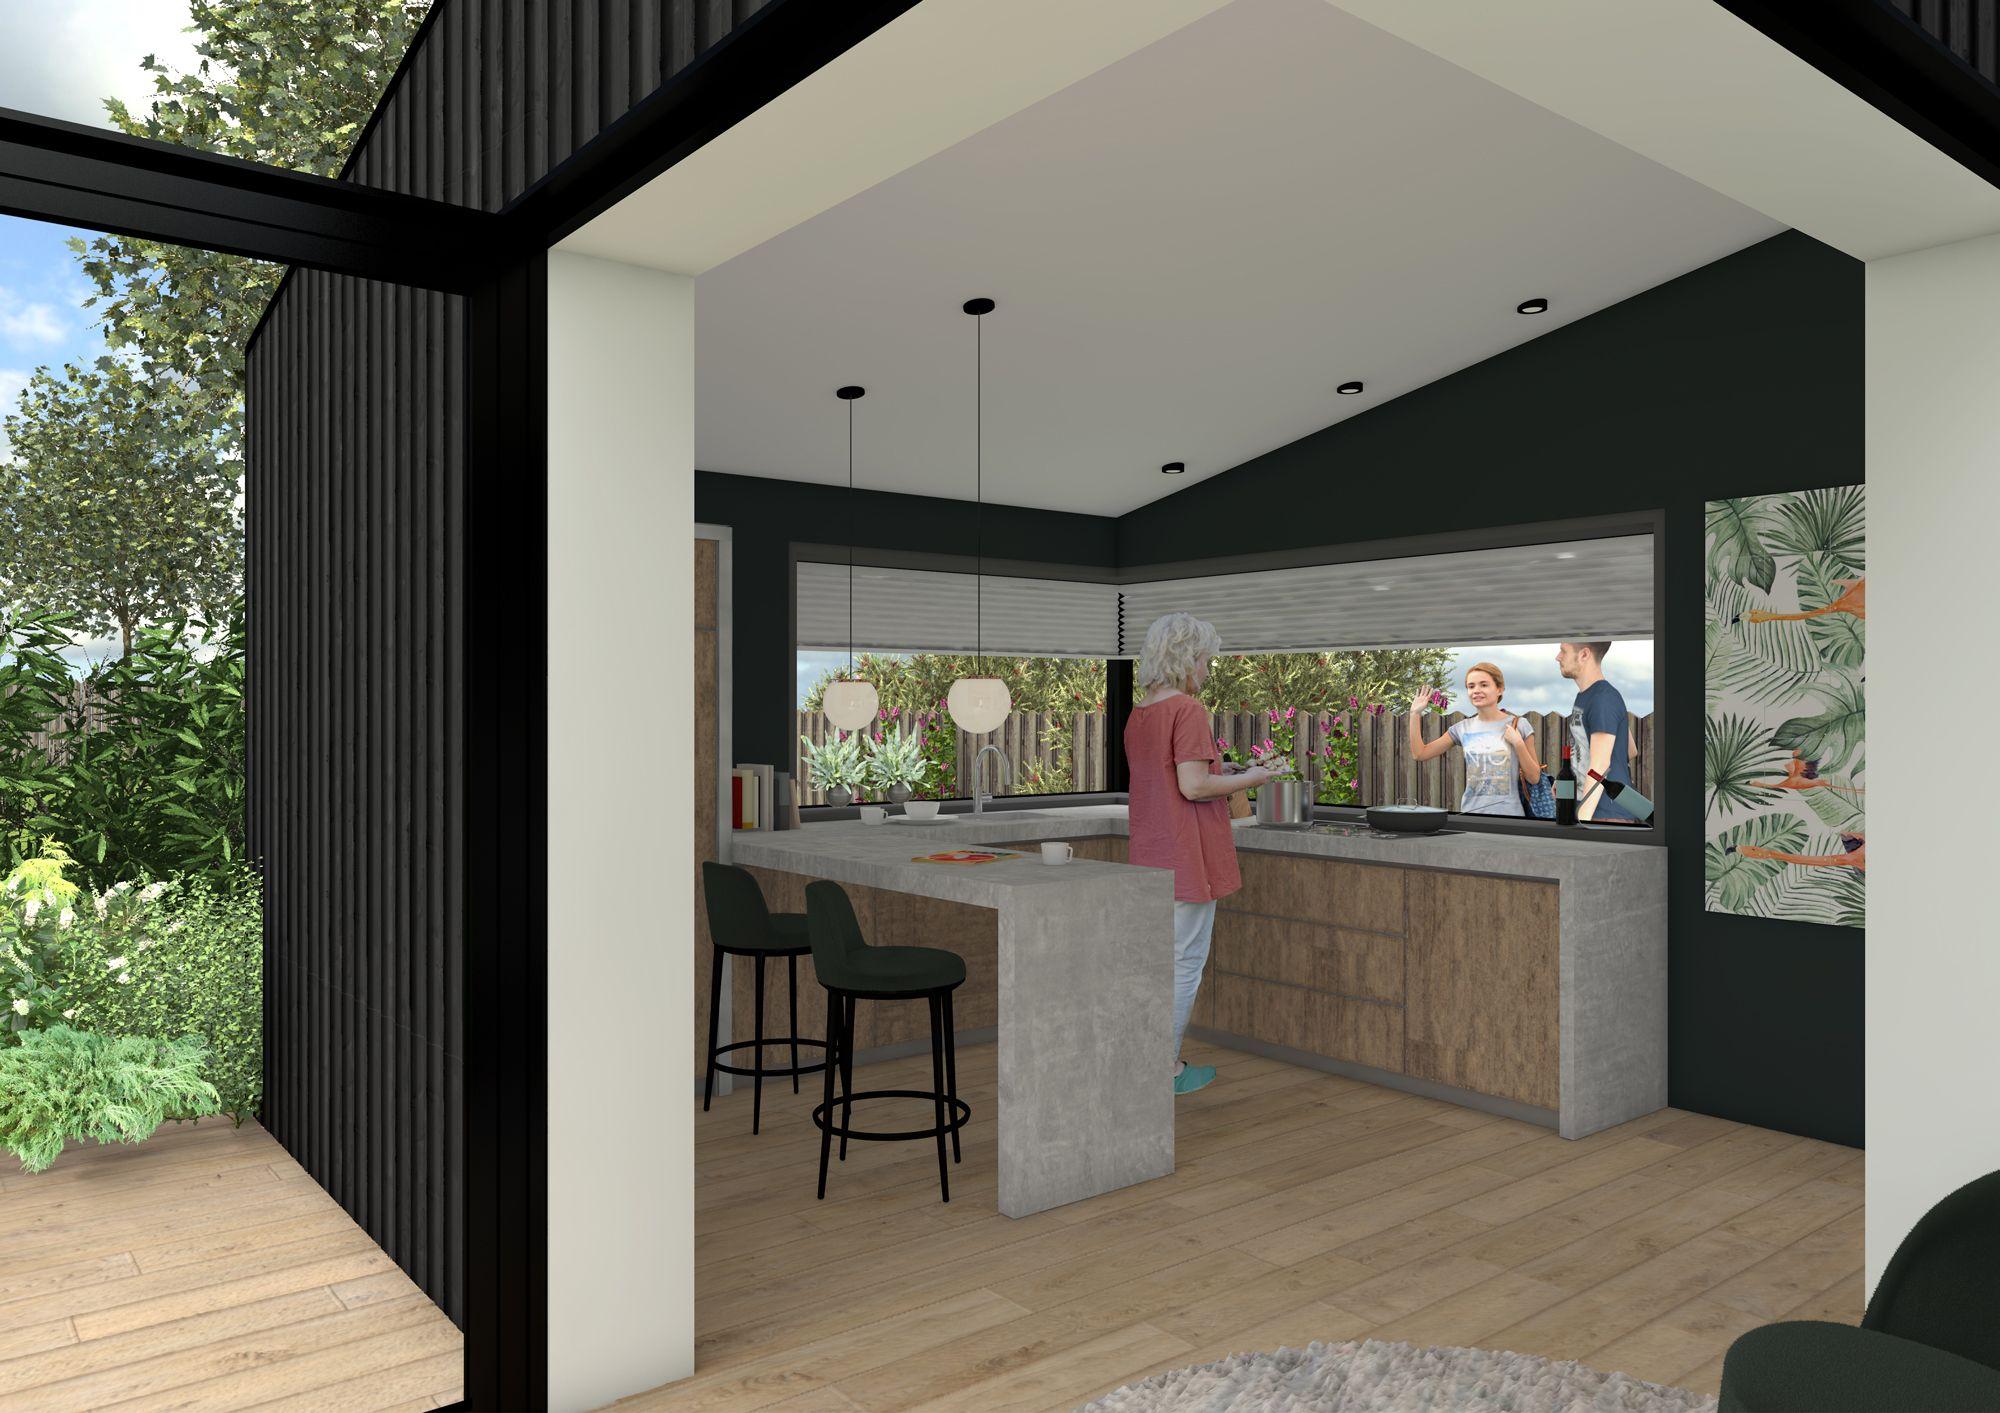 Interieur project compact wonen inspiratieboard compact wonen | Space identity | Interieurvormgeving Tiel